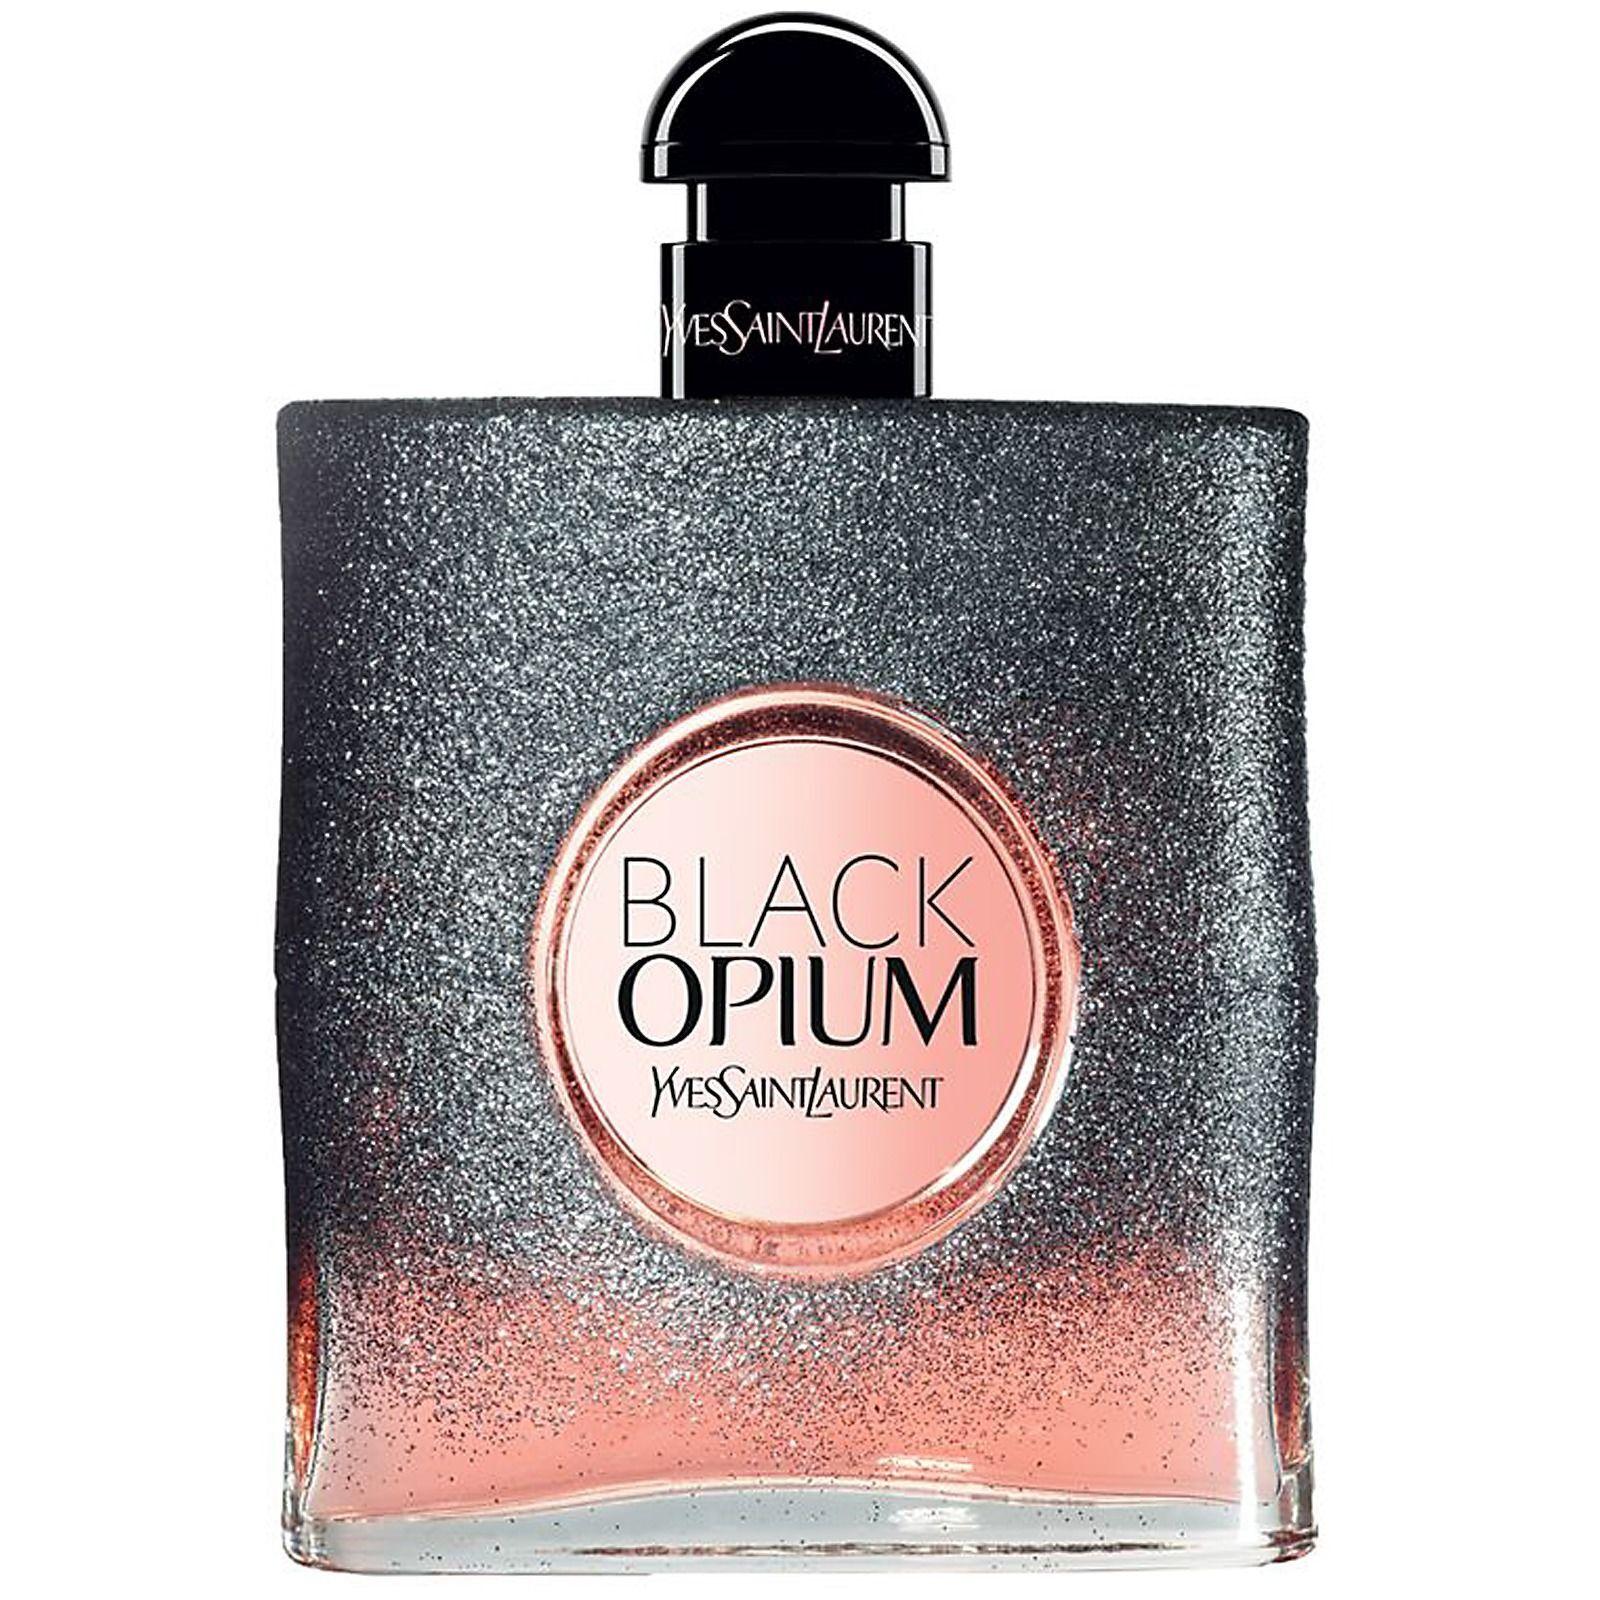 Yves Saint Laurent - Black Opium Floral Shock 90ml Eau de Parfum Spray for Women